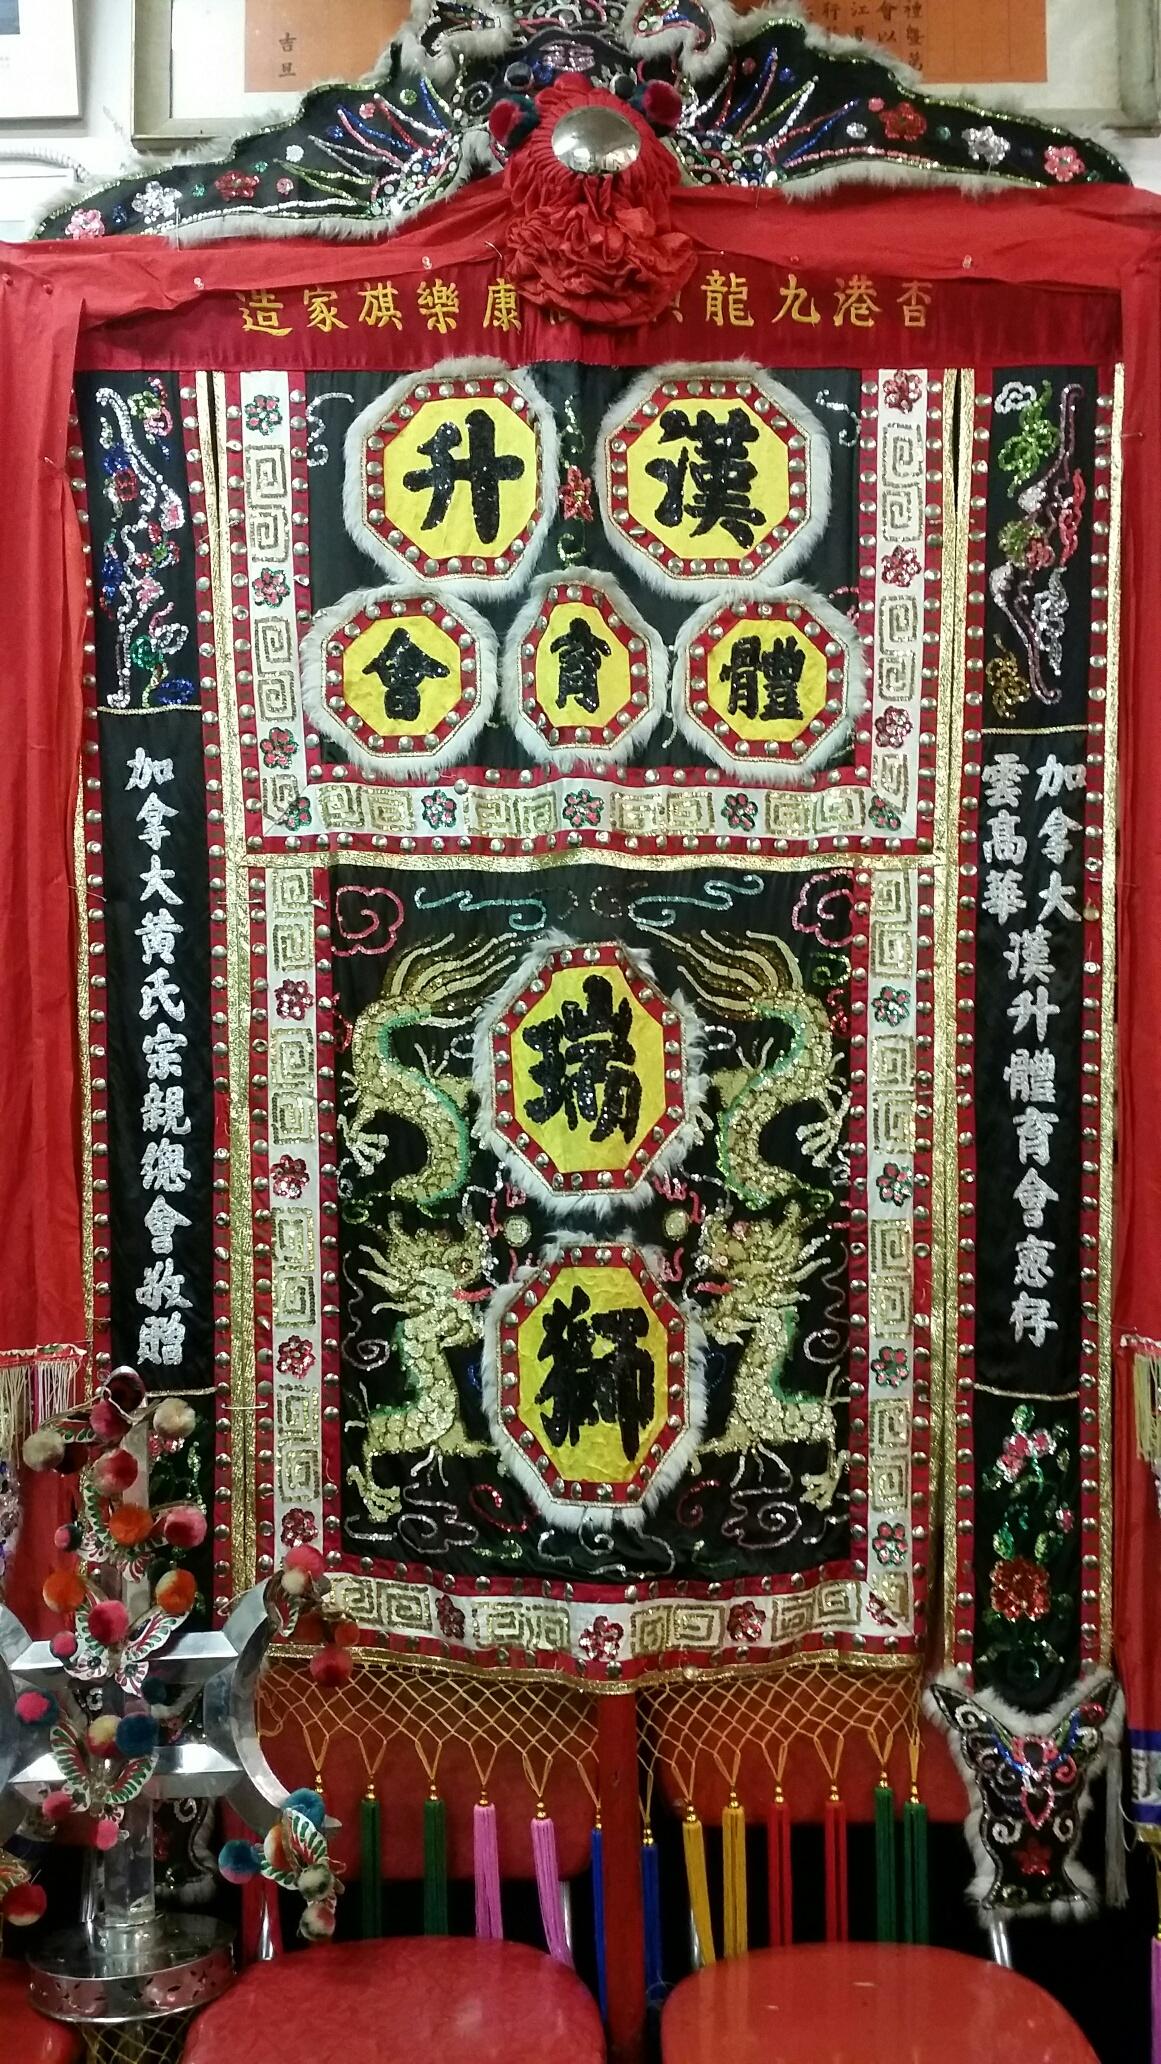 Hon Hsing's war banner